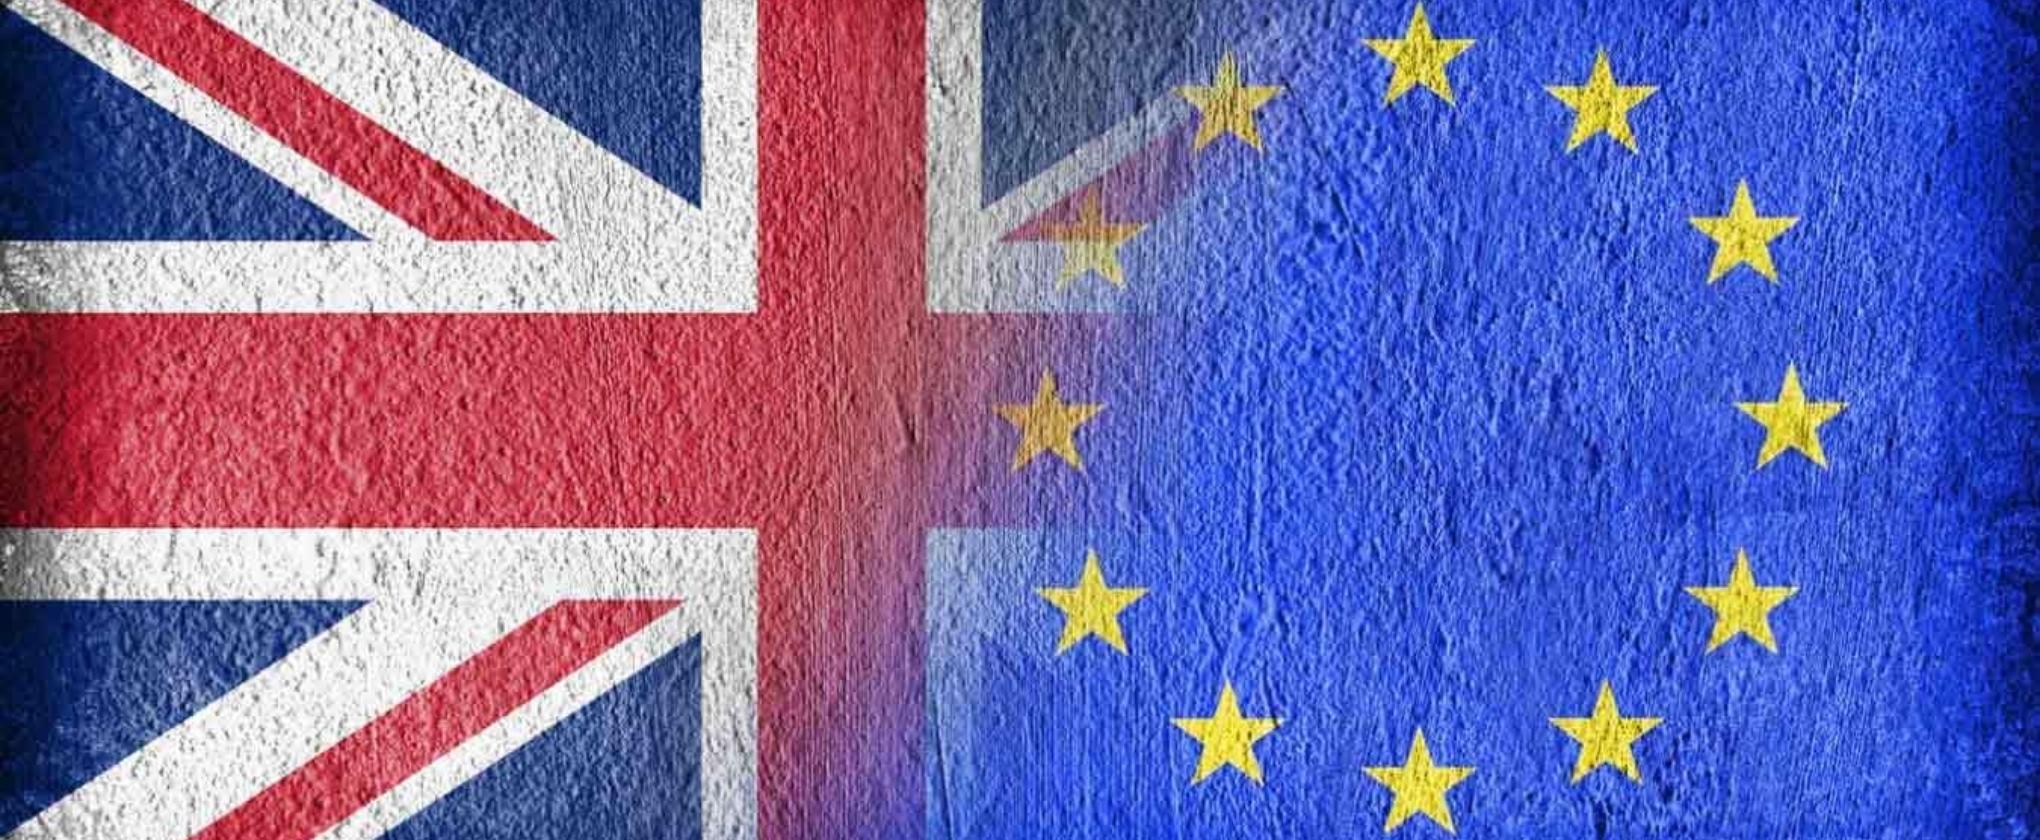 SMEs Write Pro-Brexit Open Letter